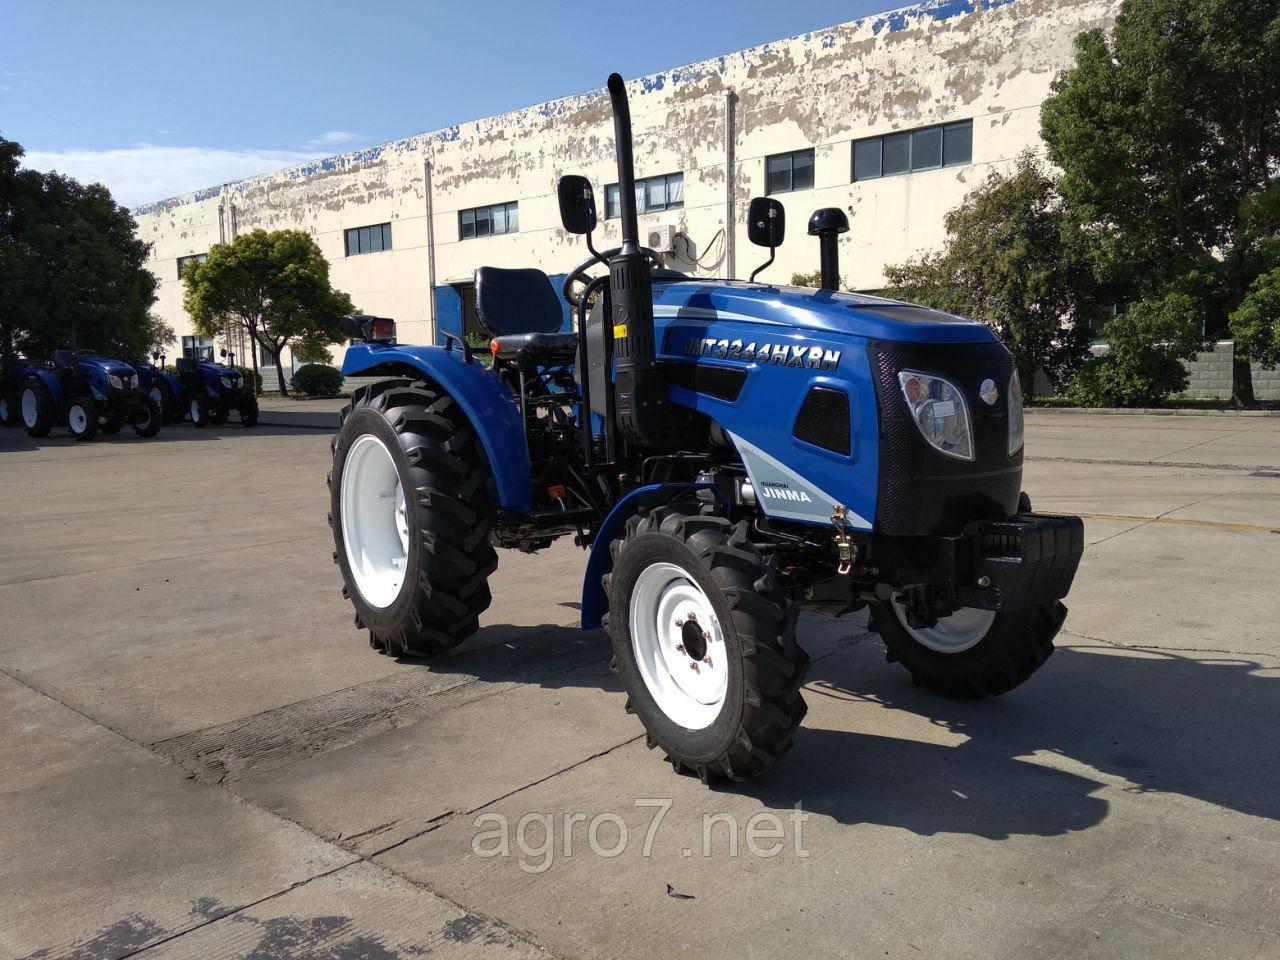 Трактор JINMA JMT3244HXRN (реверс, 3 цил., 24л.с., ГУР, КПП(16+4),2019г)